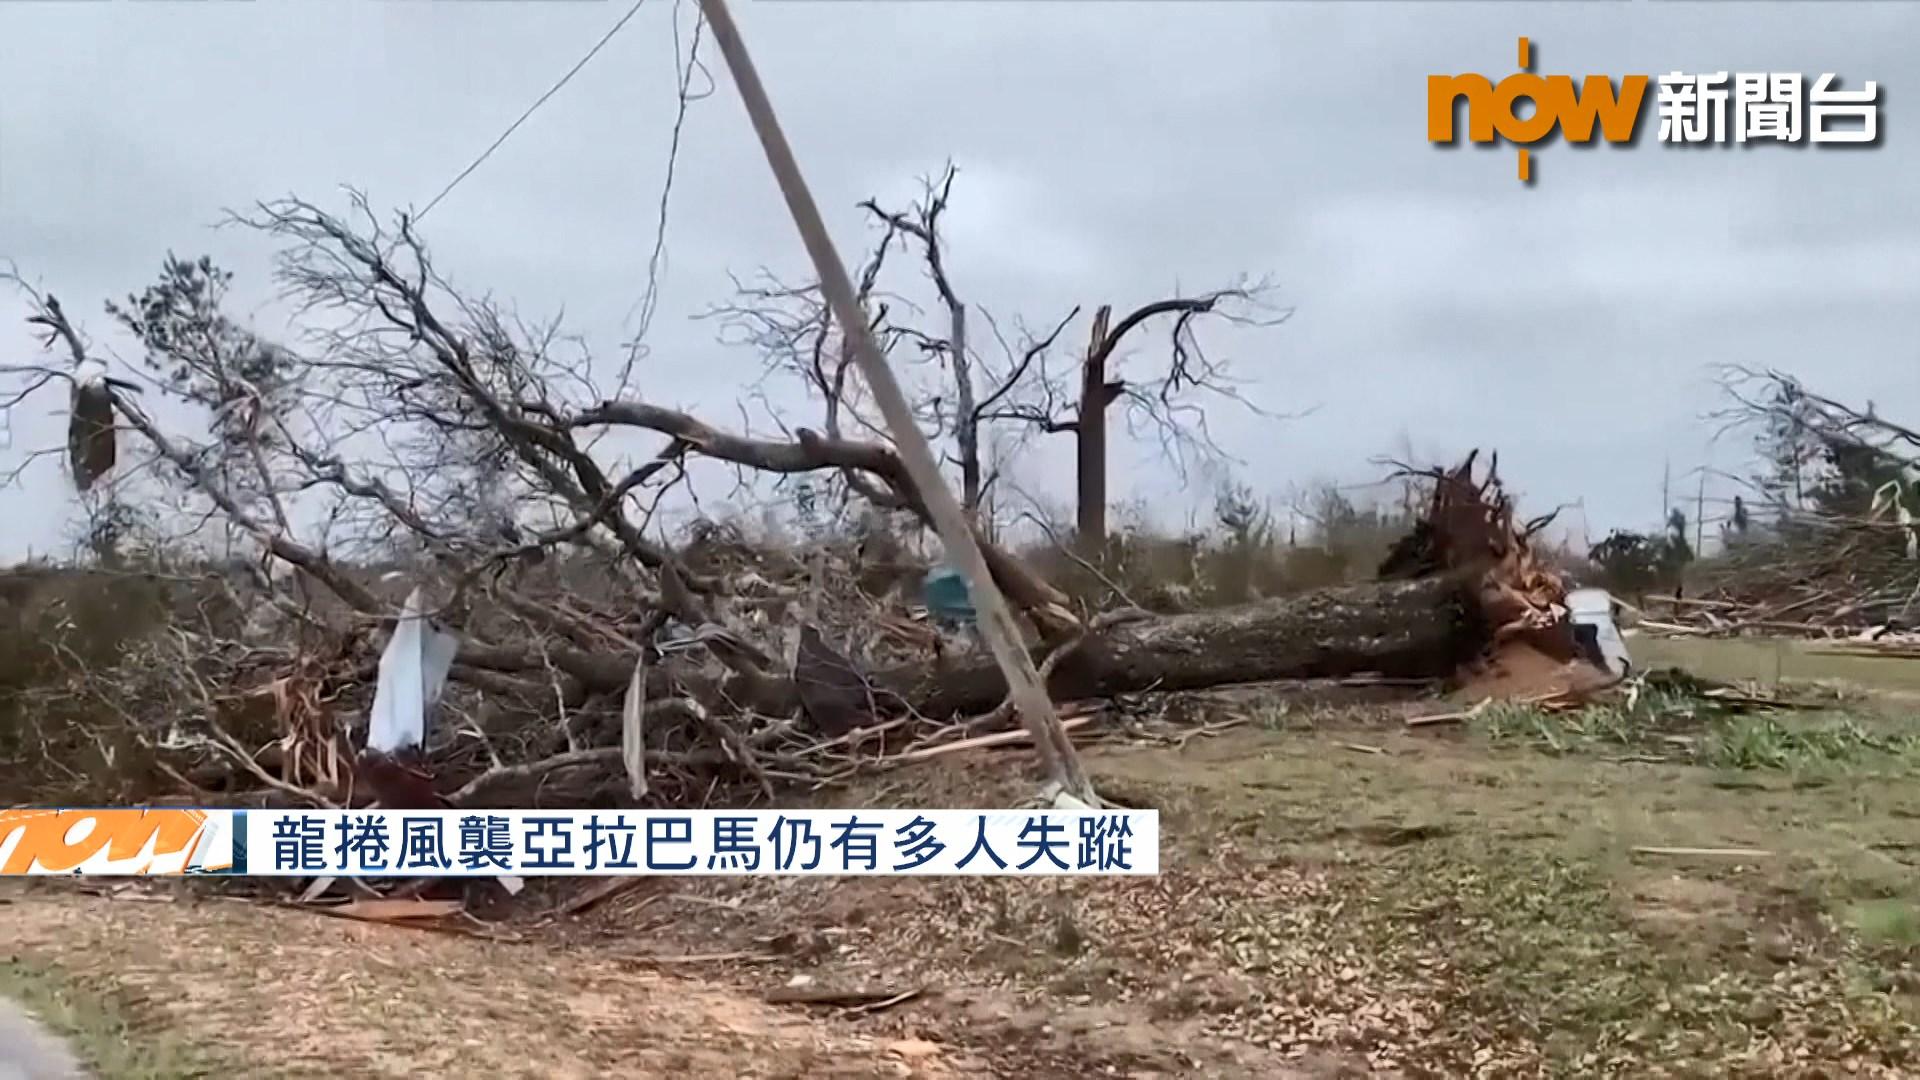 龍捲風襲美國亞拉巴馬多人仍失蹤